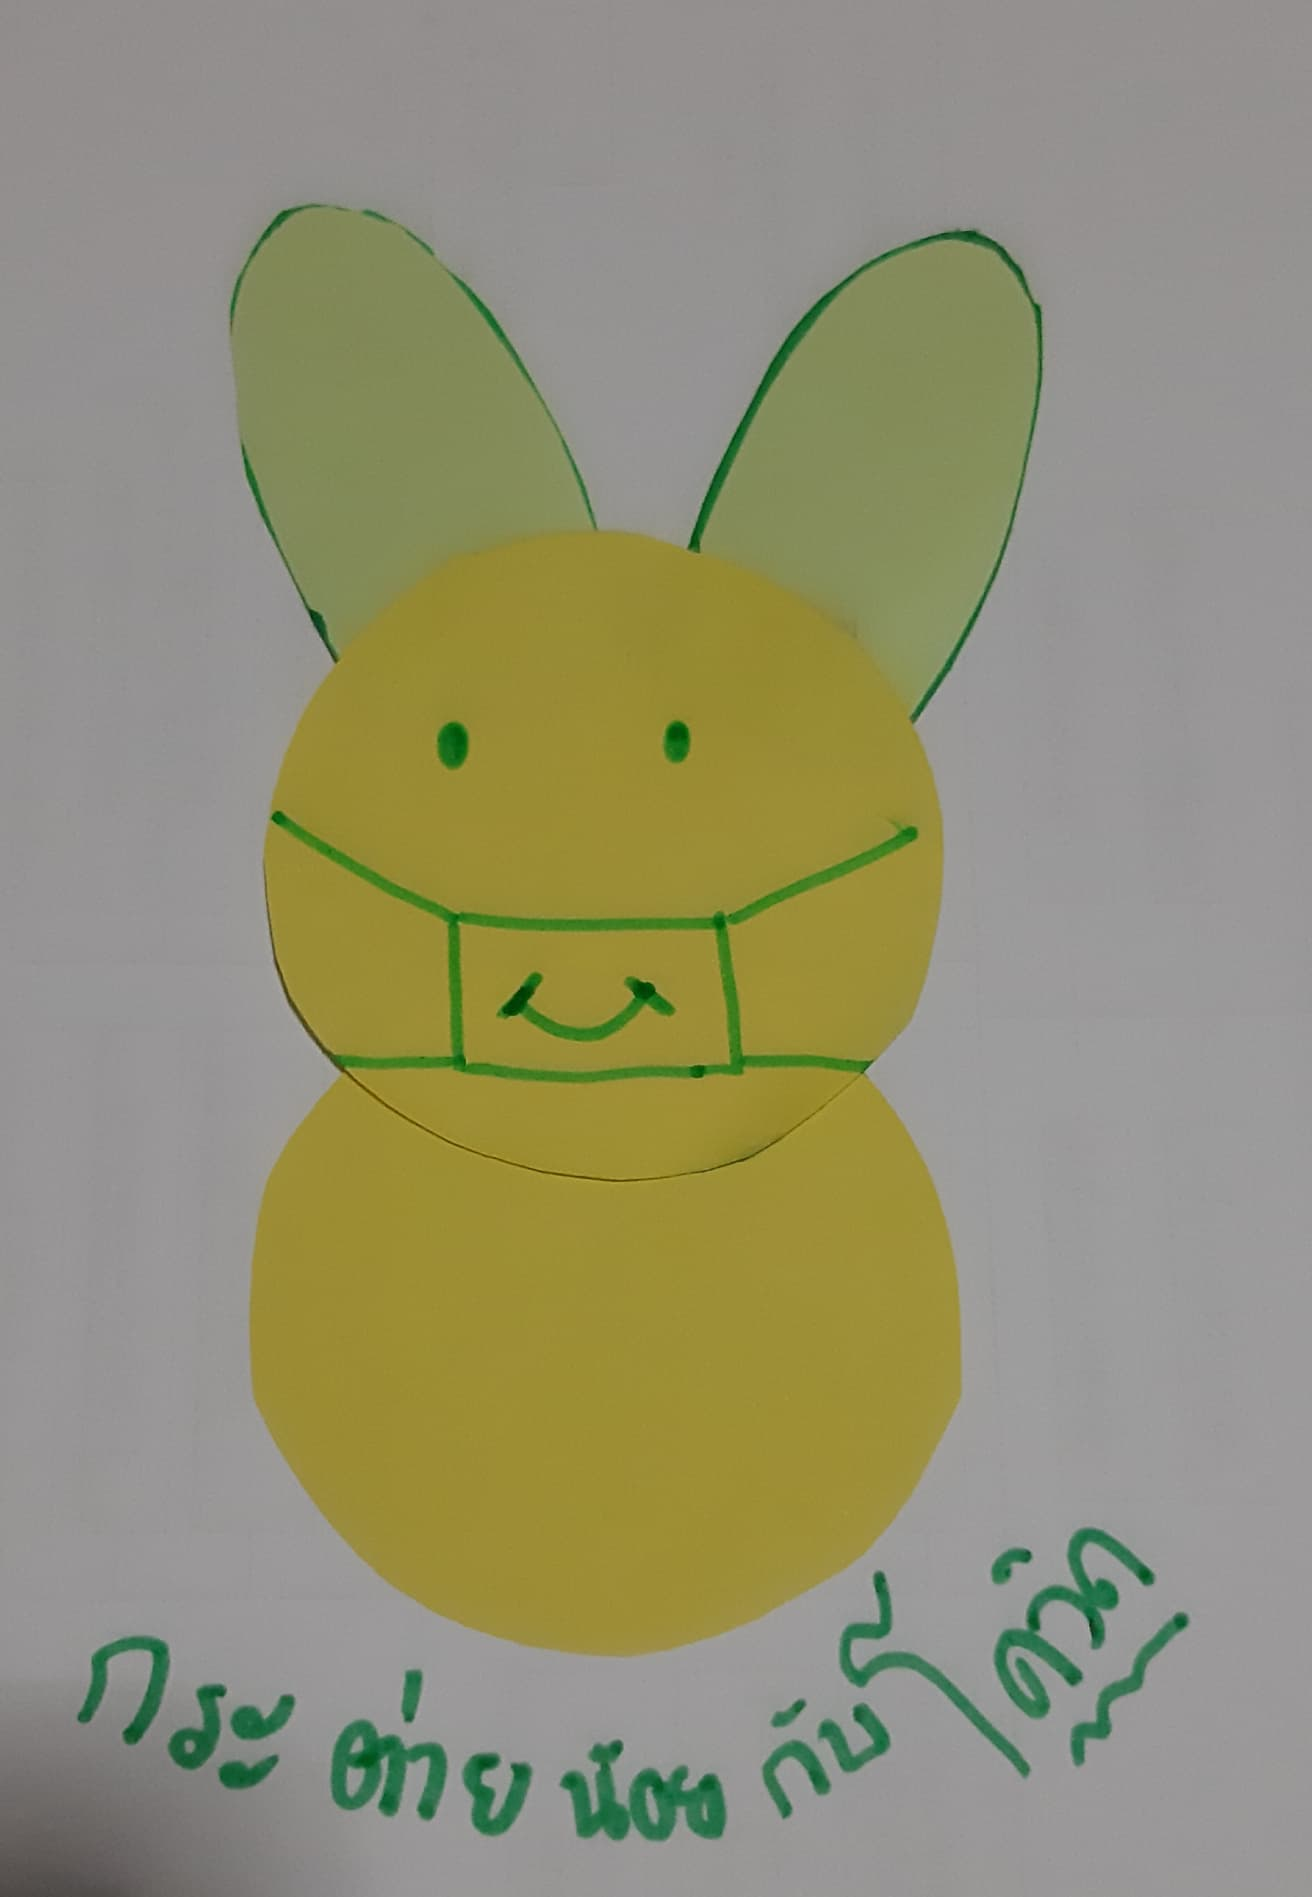 """ภาพประกอบไอเดีย นิทาน """"กระต่ายน้อยกับโควิด"""" สำหรับเด็กอนุบาล"""